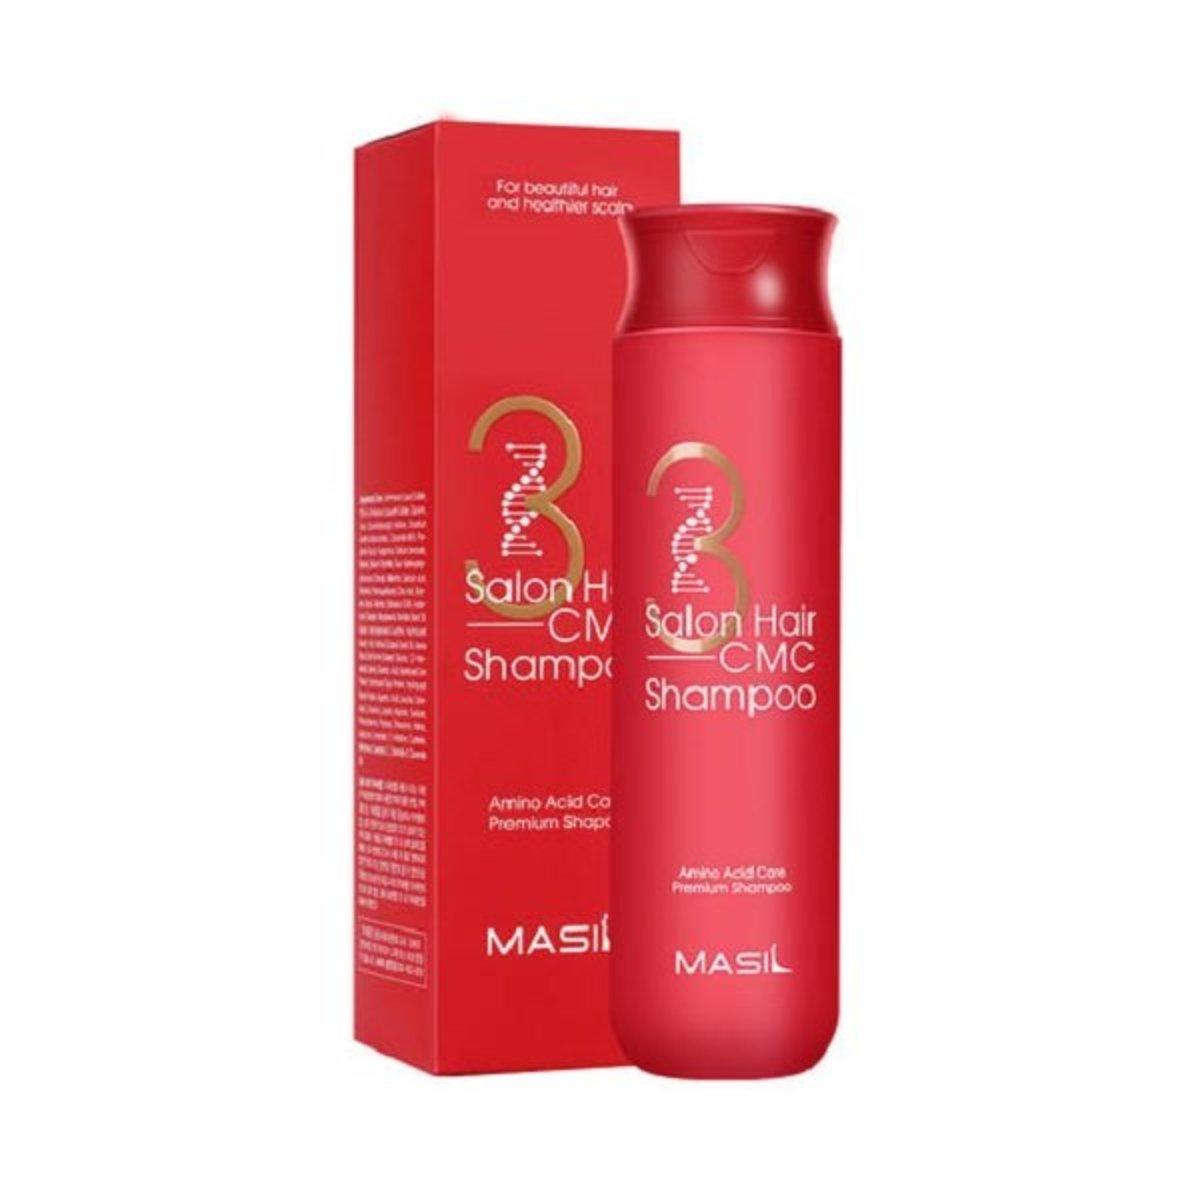 瑪絲蘭蜜絲 3次方沙龍CMC復合洗髮水 300ml